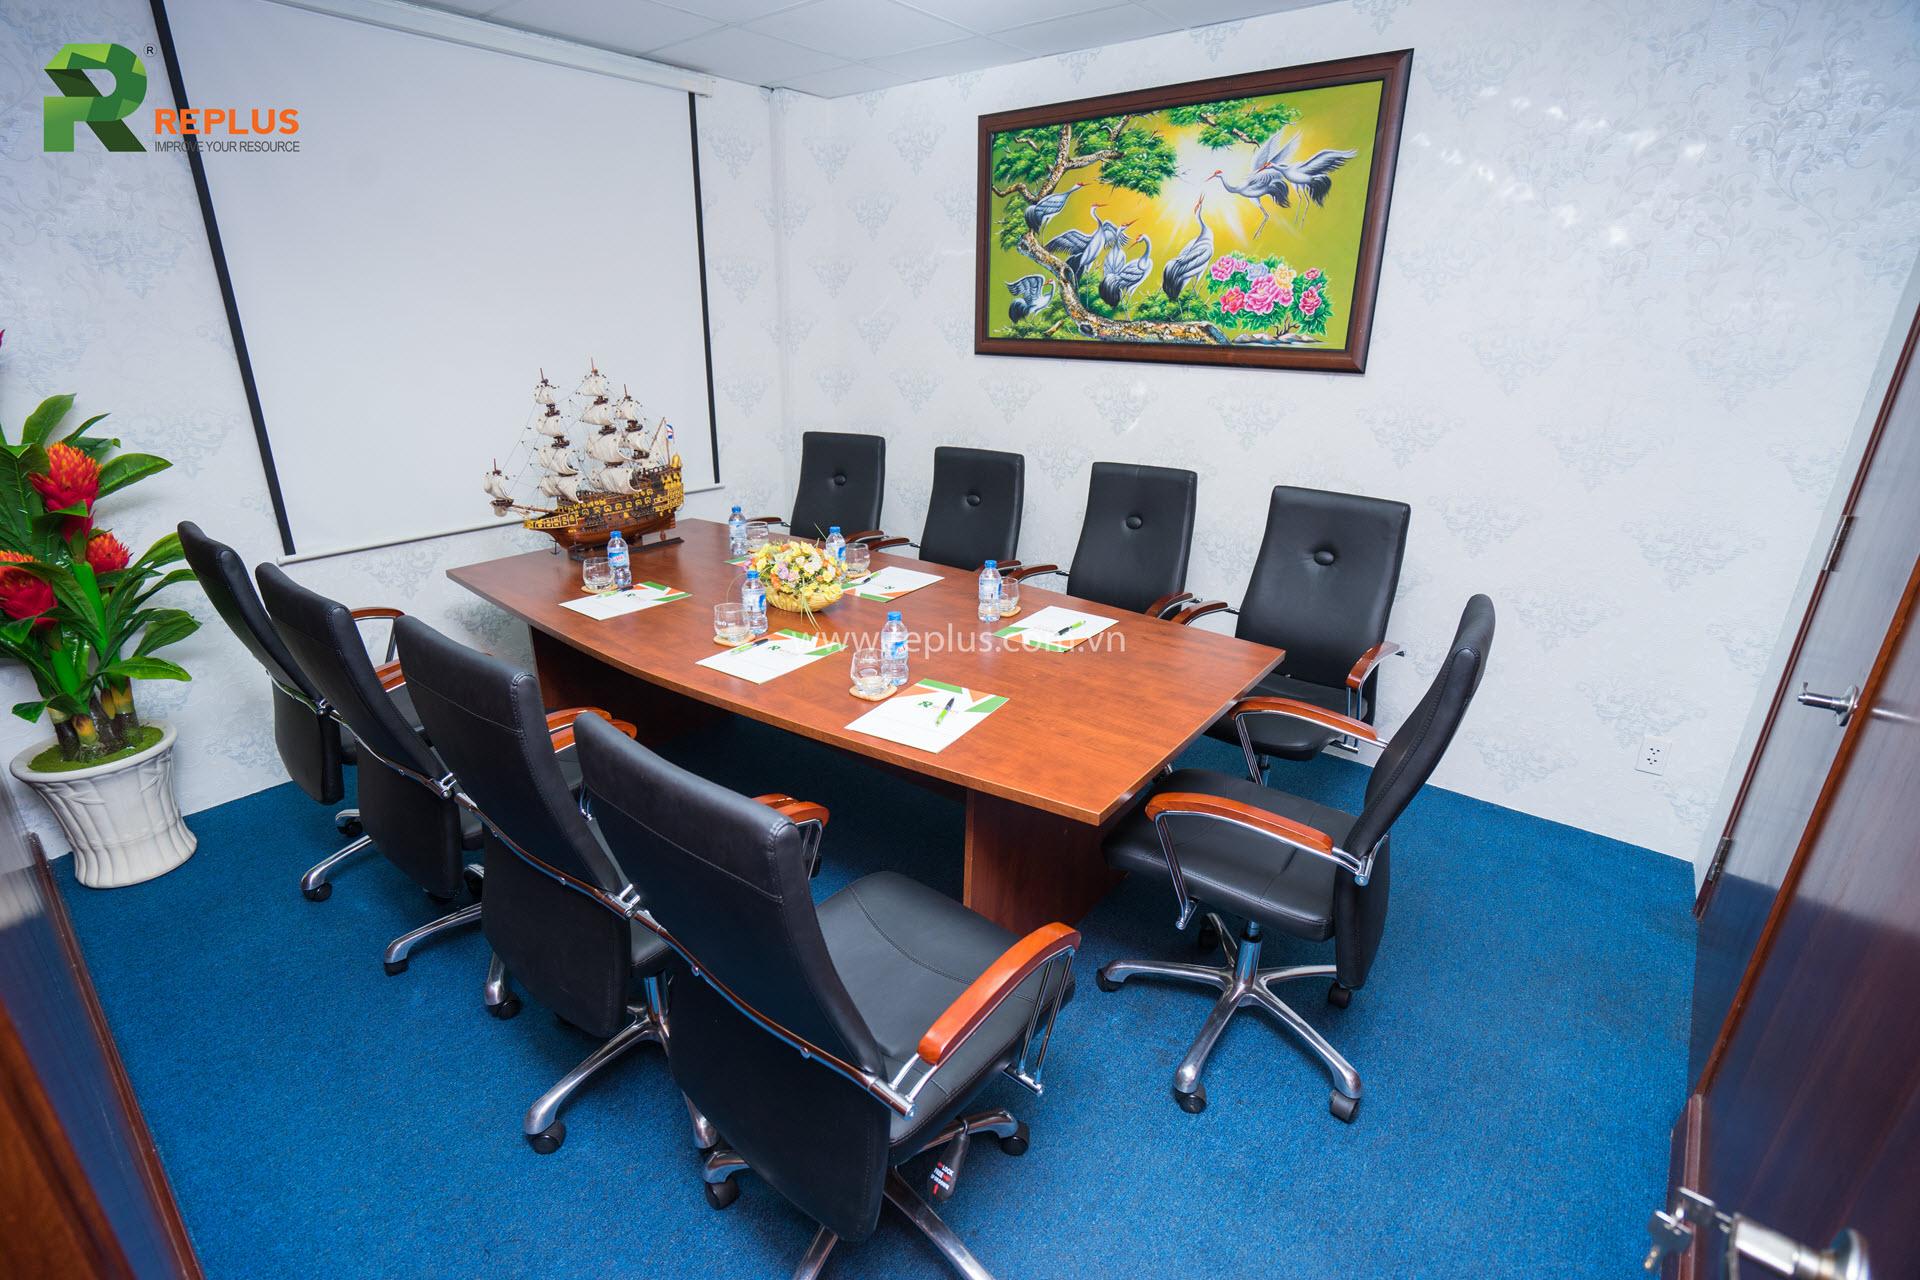 Phòng họp Replus